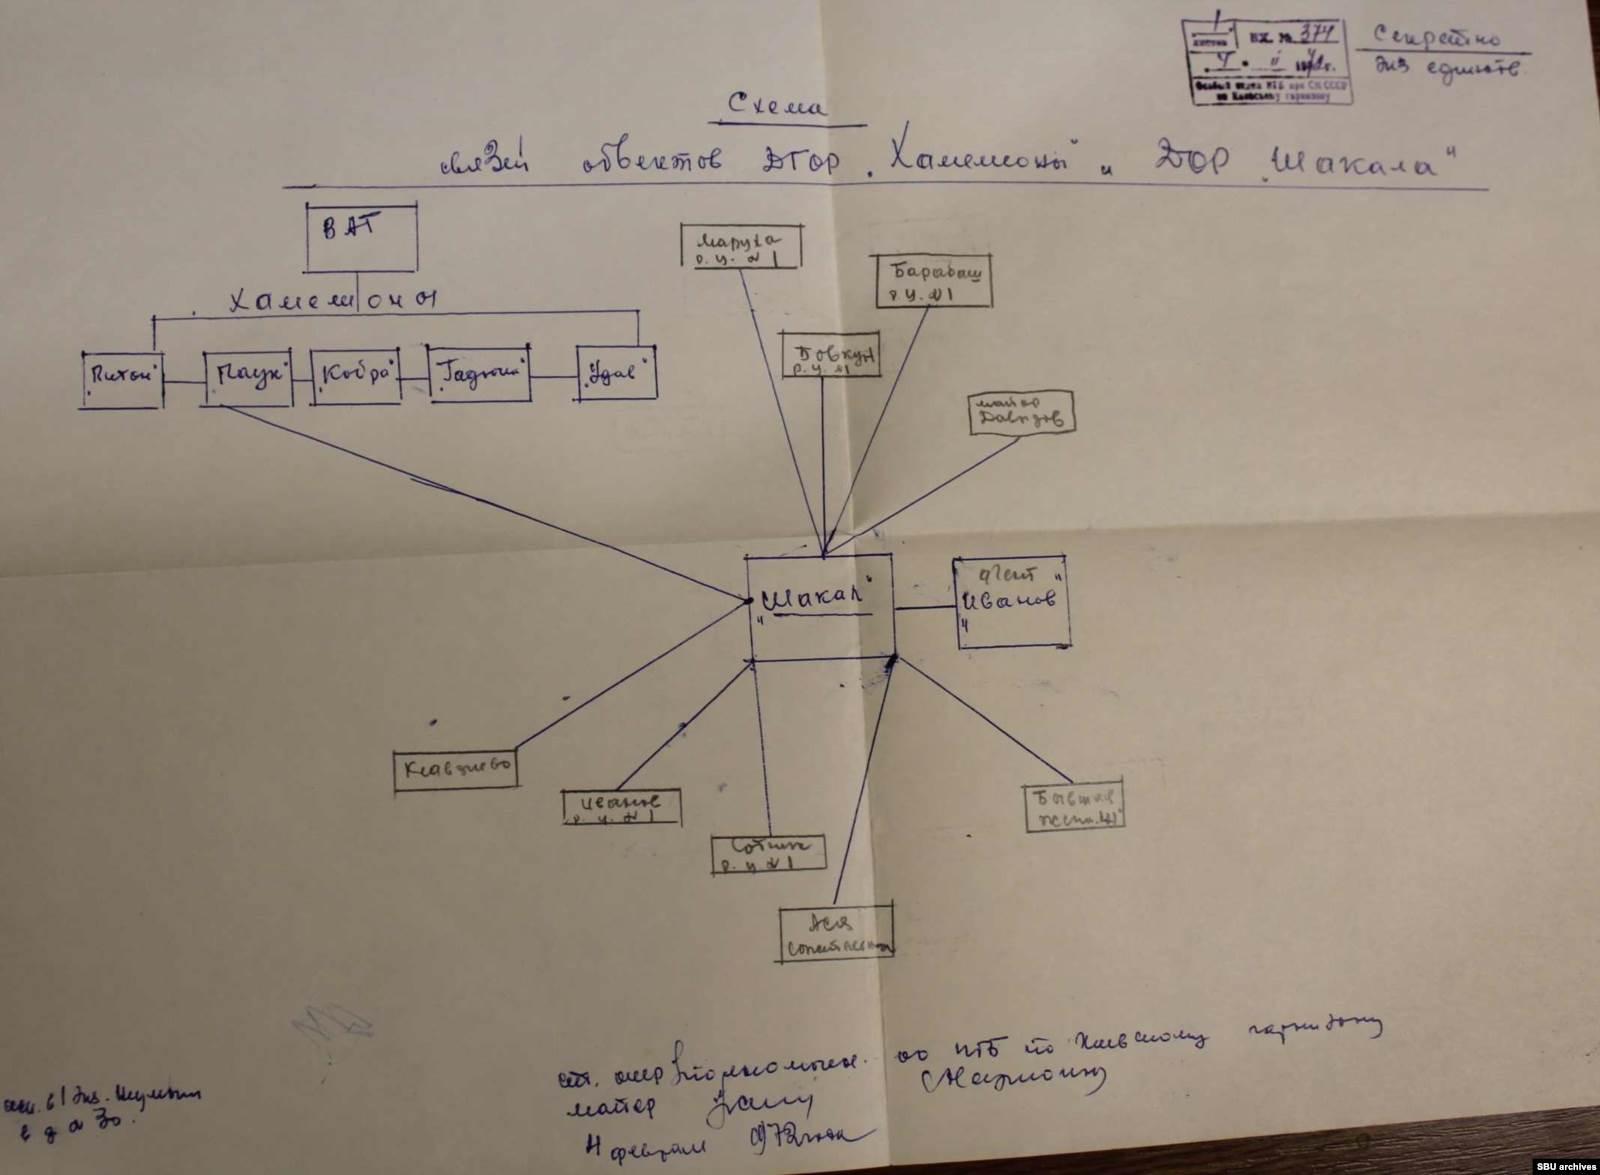 Составленная КГБ схема связей Пушкаря. Из оперативного дела